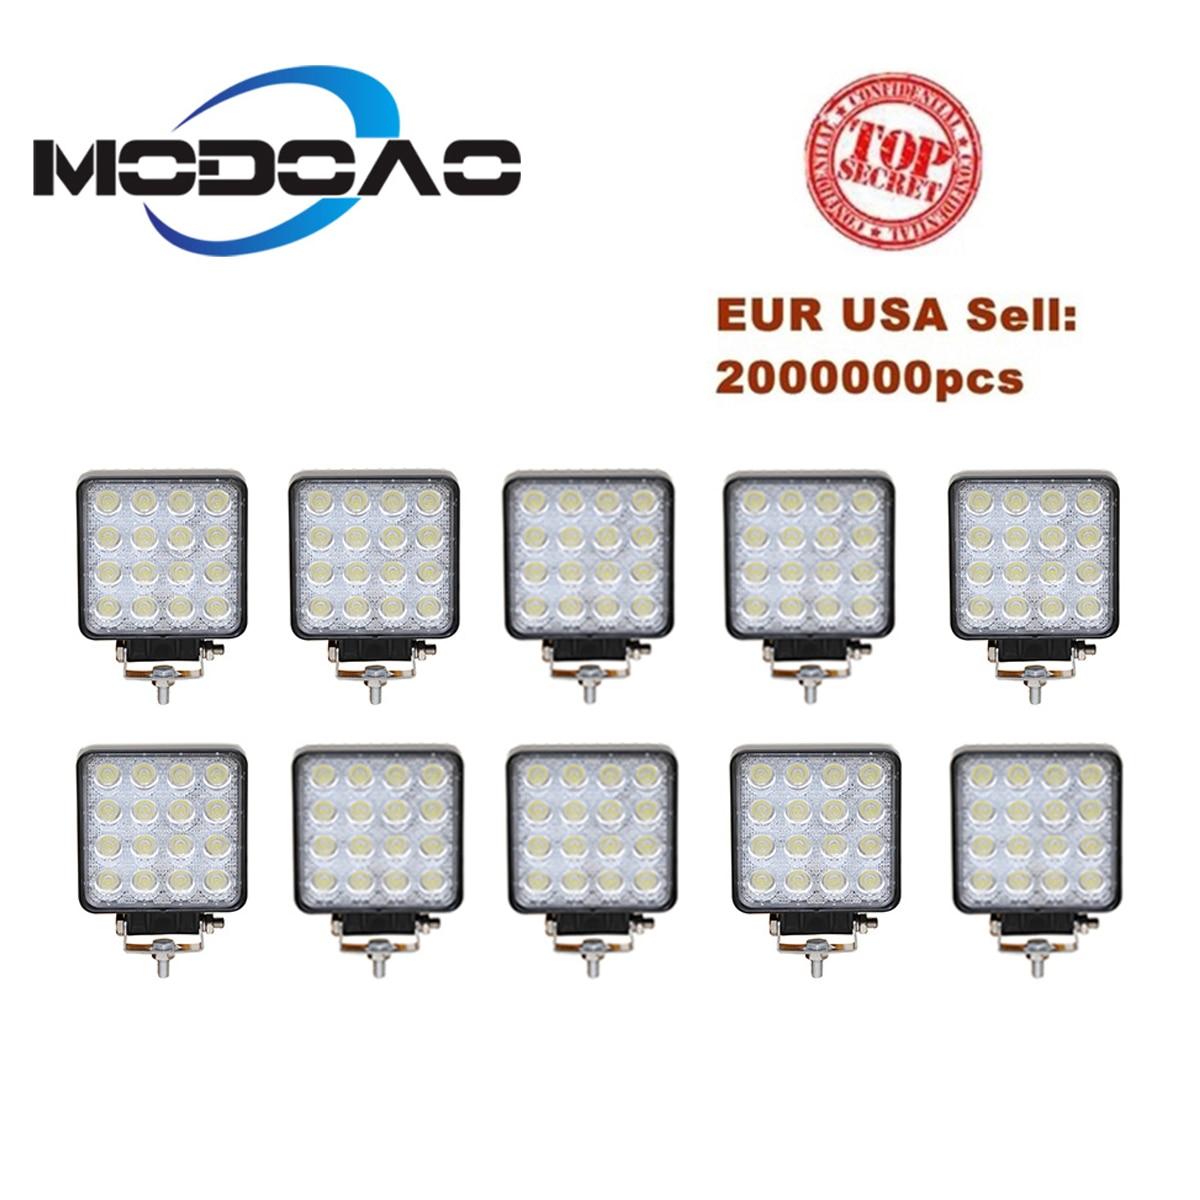 10 pcs Vehicel Faróis 16 300leds Cool White 12 V 24 V 4 polegada Veículo Barra de Luz Luz de Trabalho LED caminhão Para Offroad SUV Jeep ATV UAZ